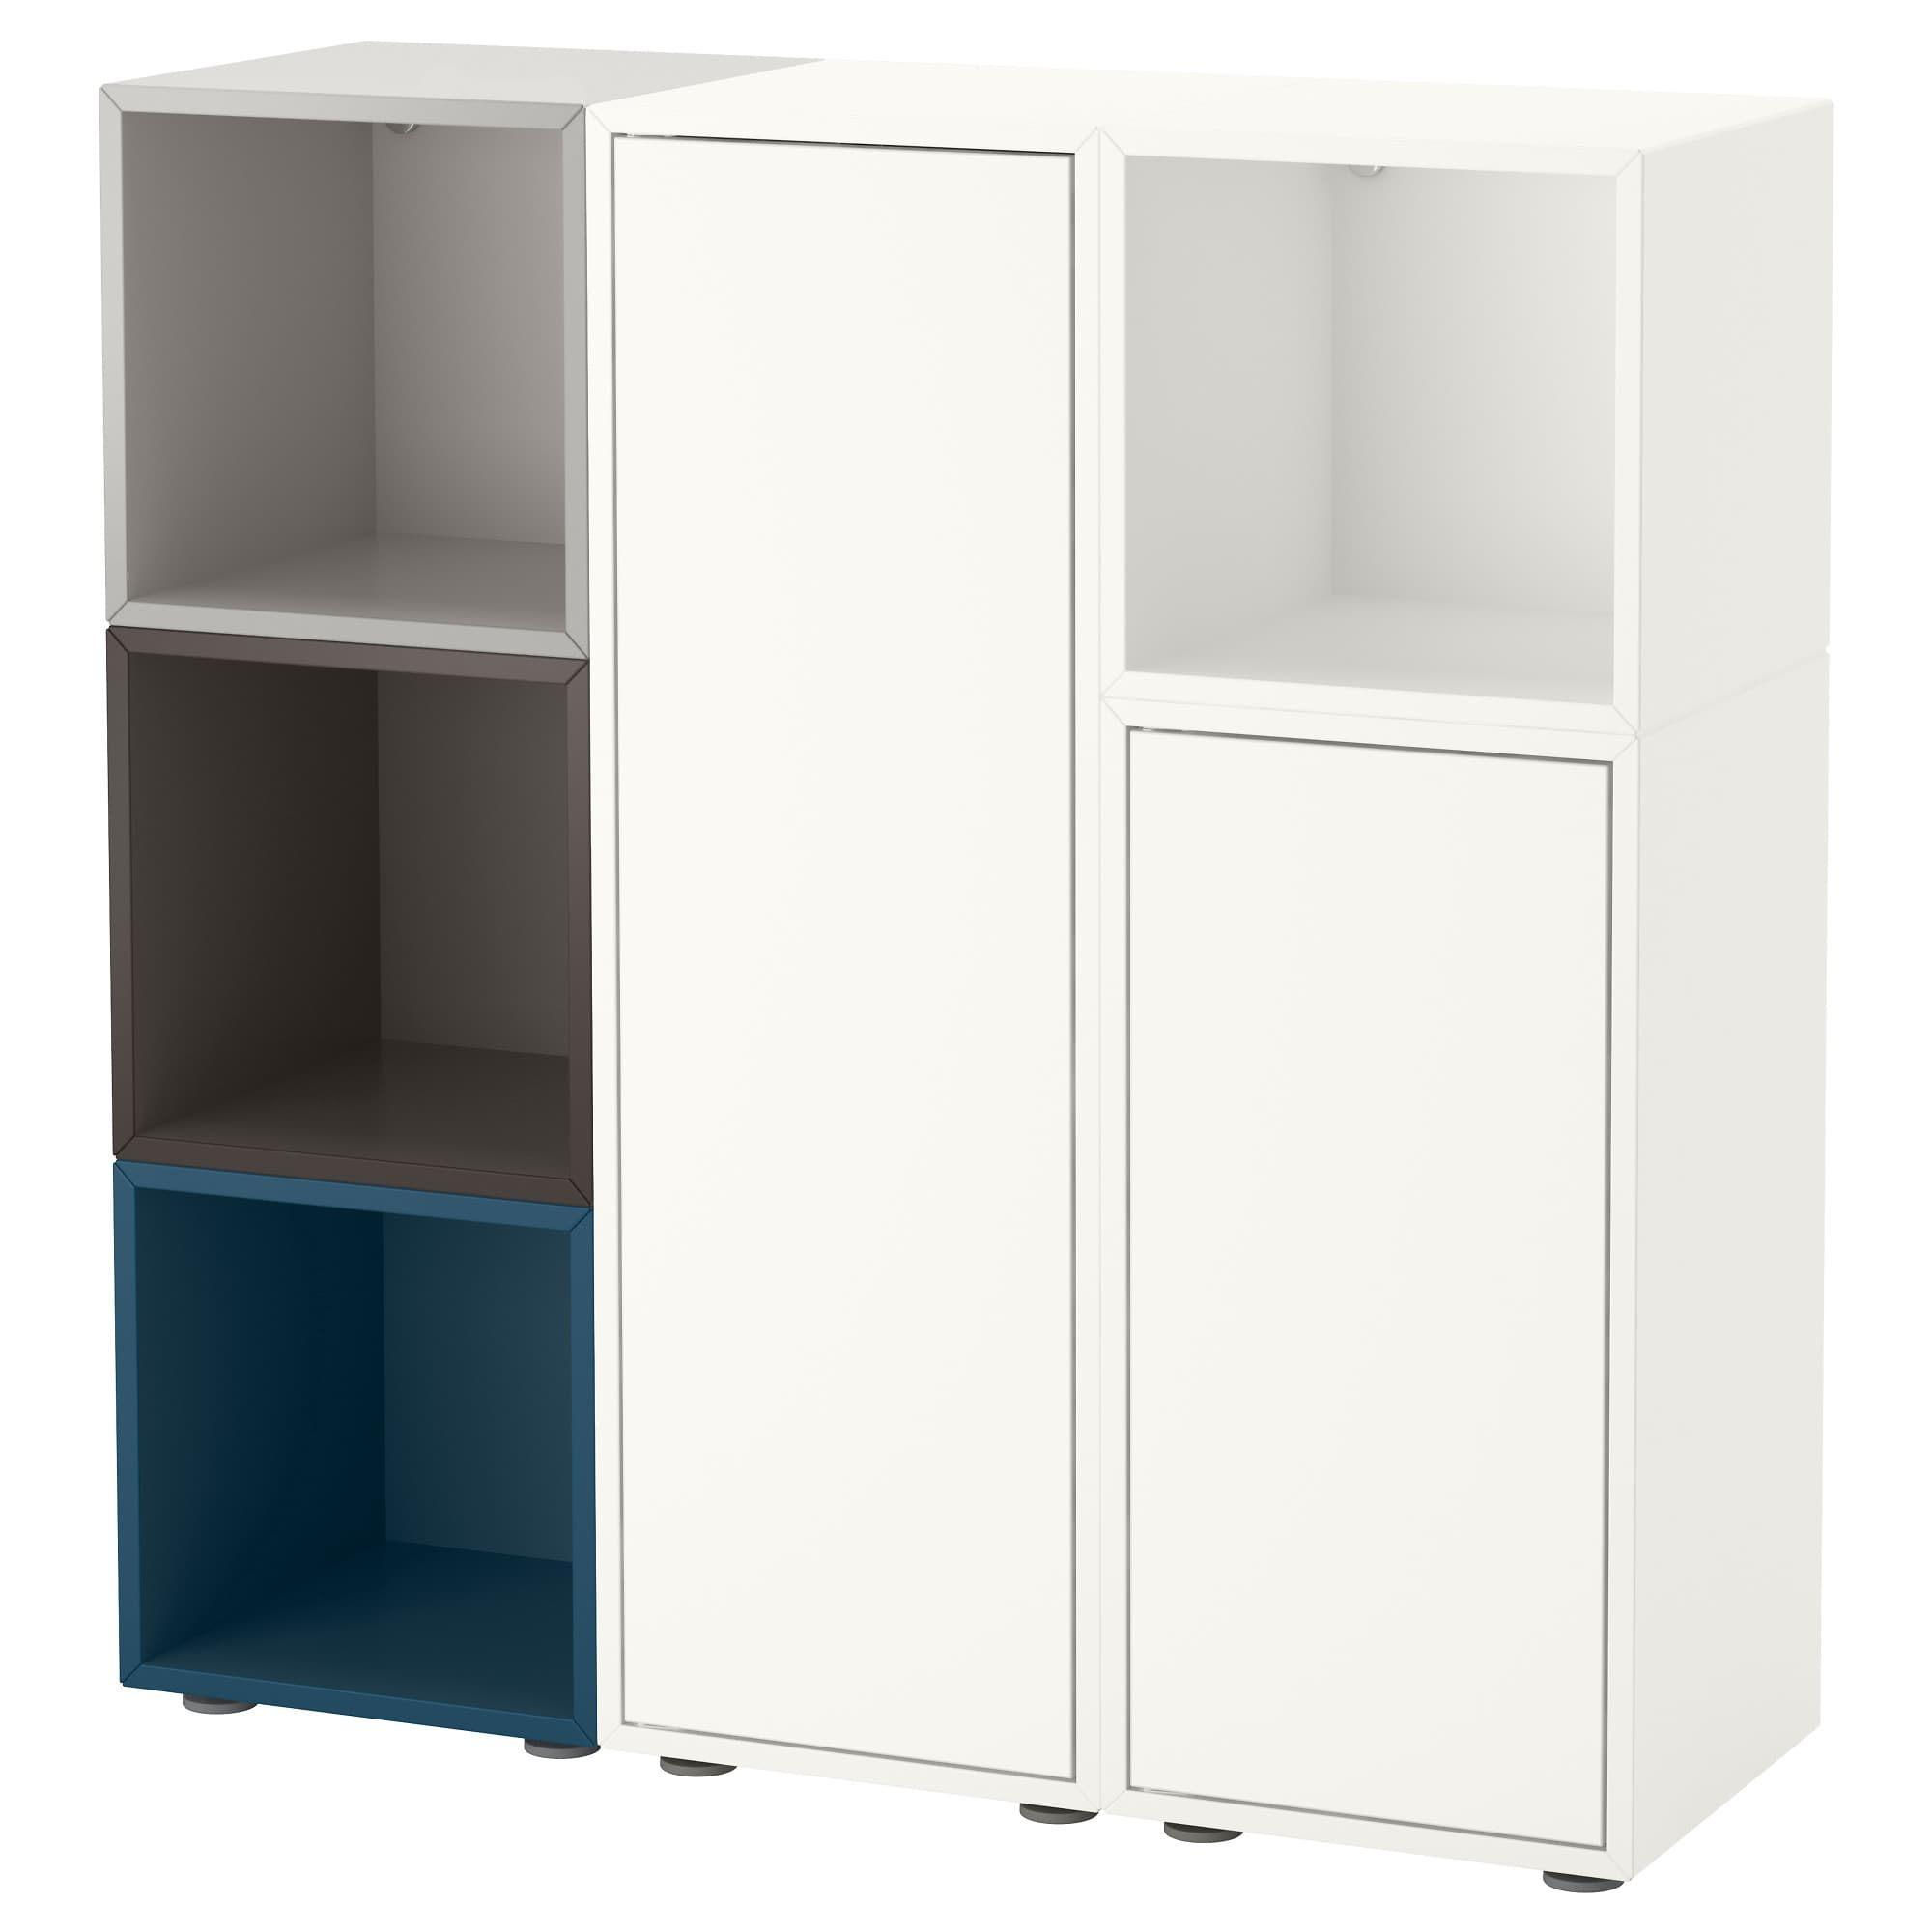 Ikea Lit 160 Inspiré Eket Collection